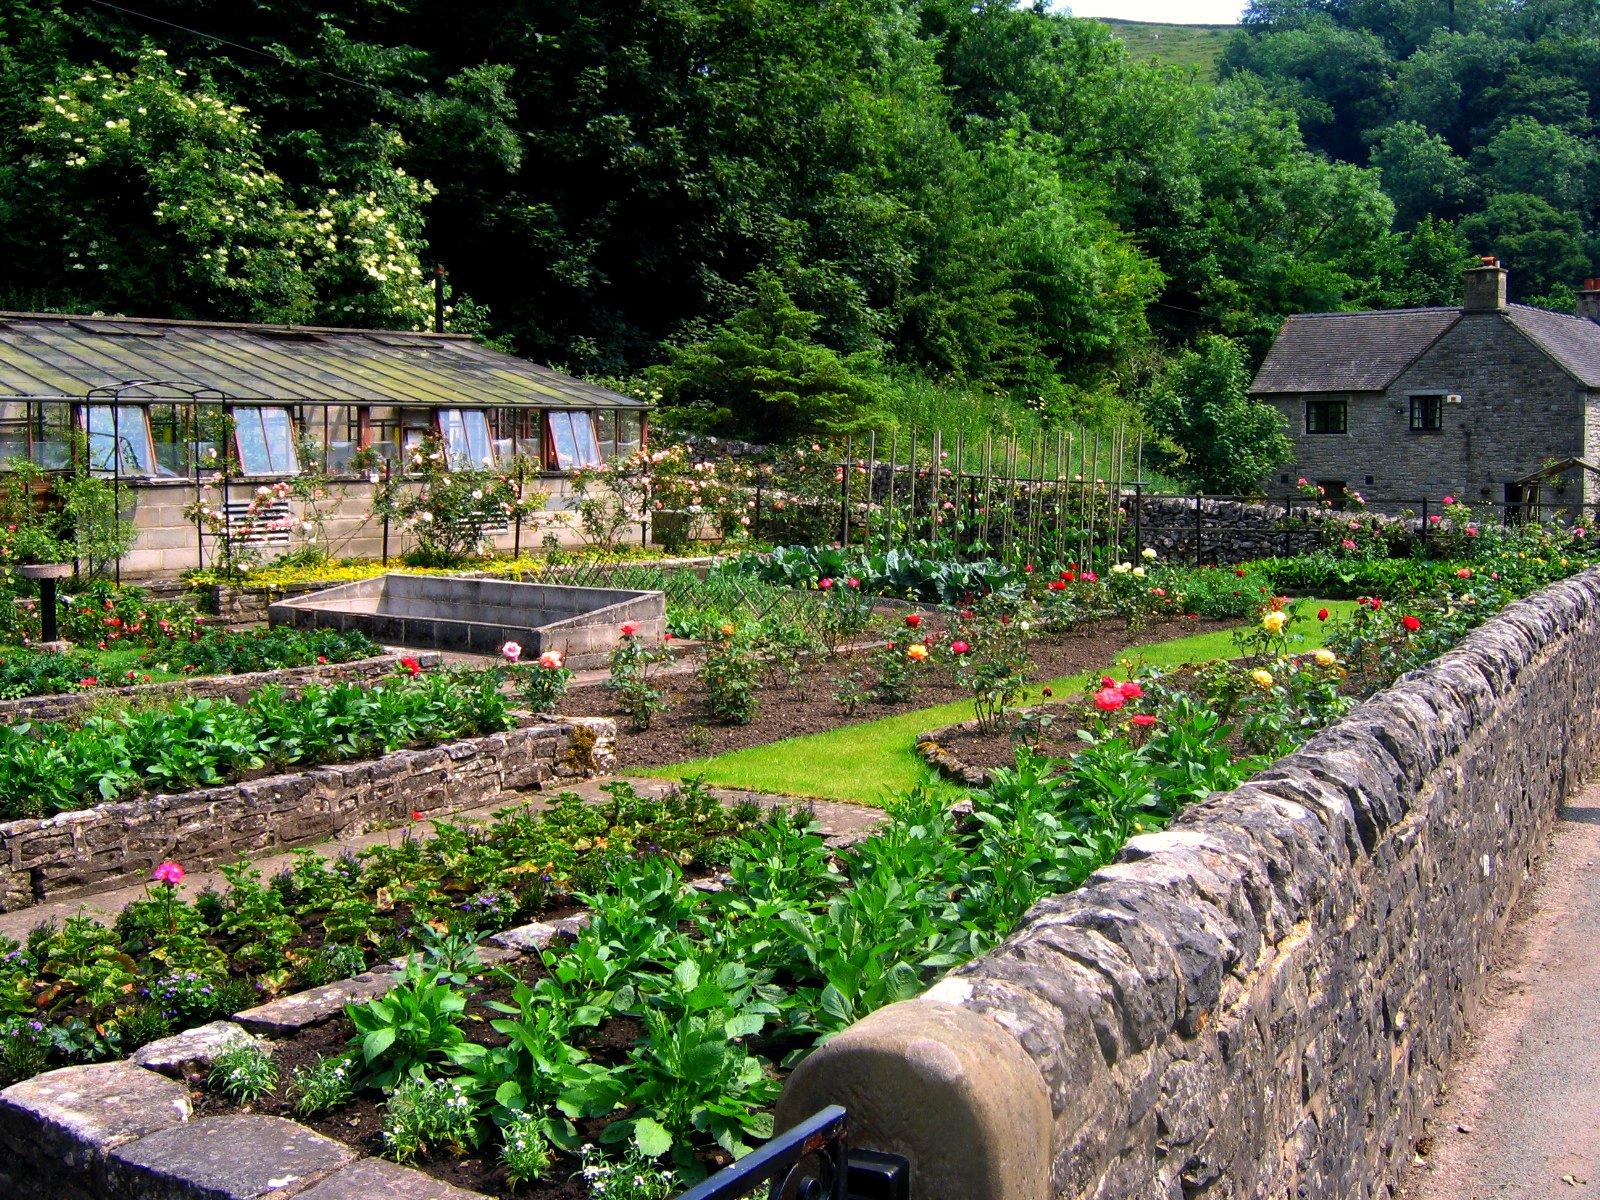 Best Vegetable Garden Design App